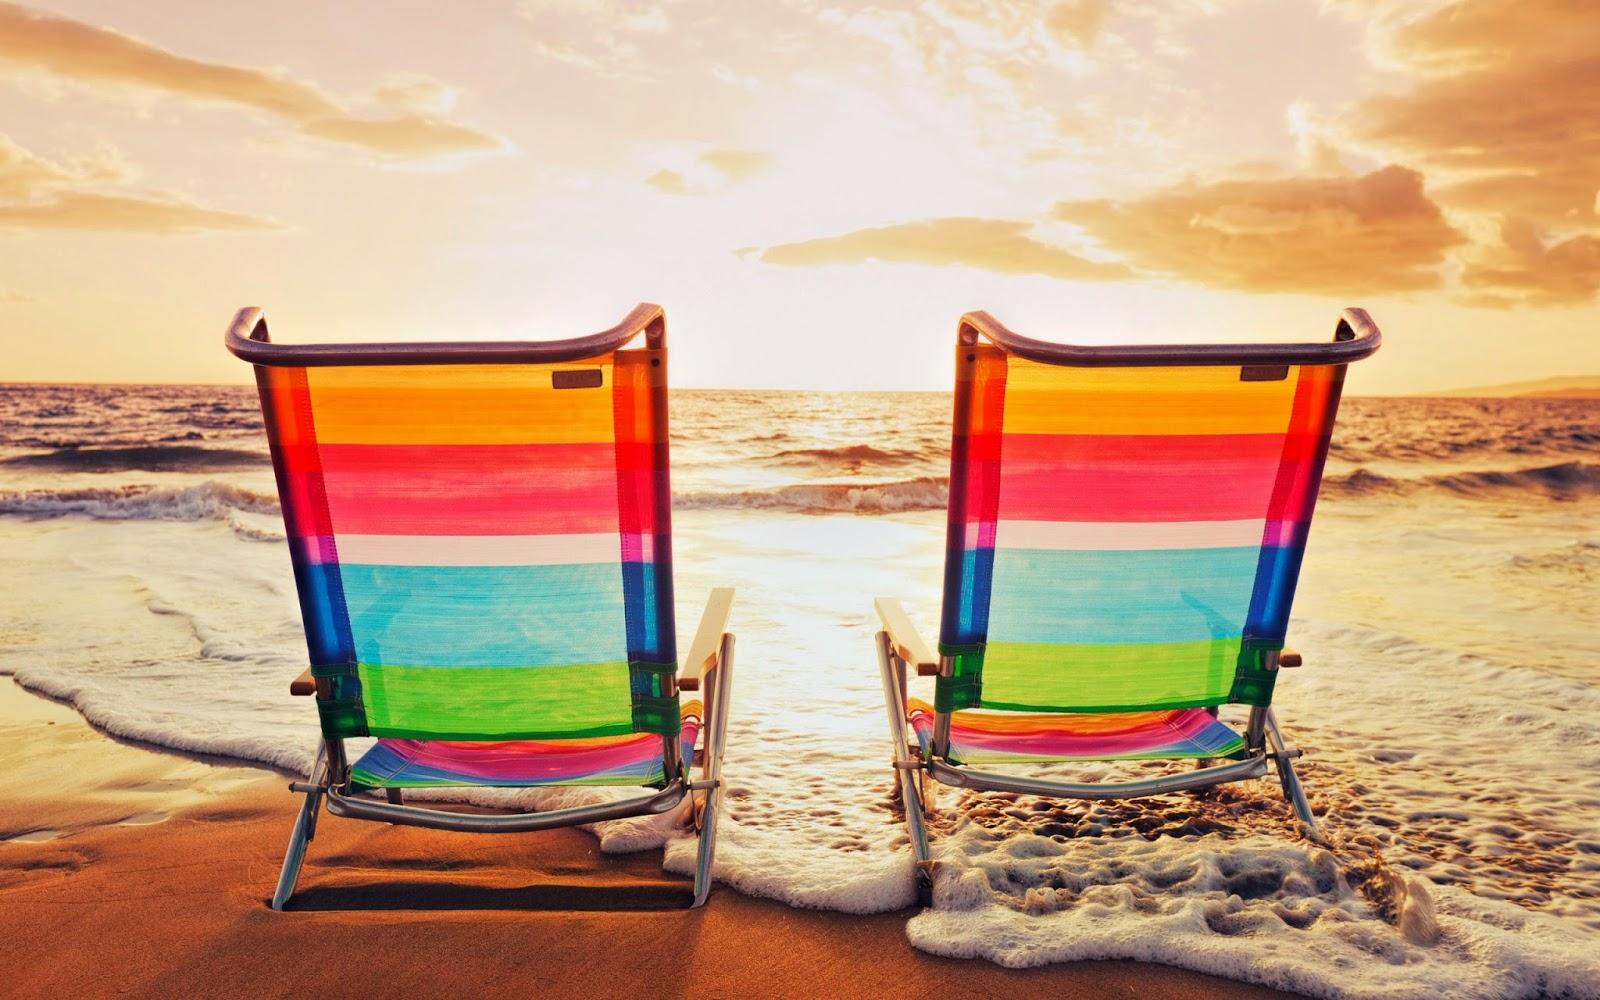 Wallpaper met strandstoelen